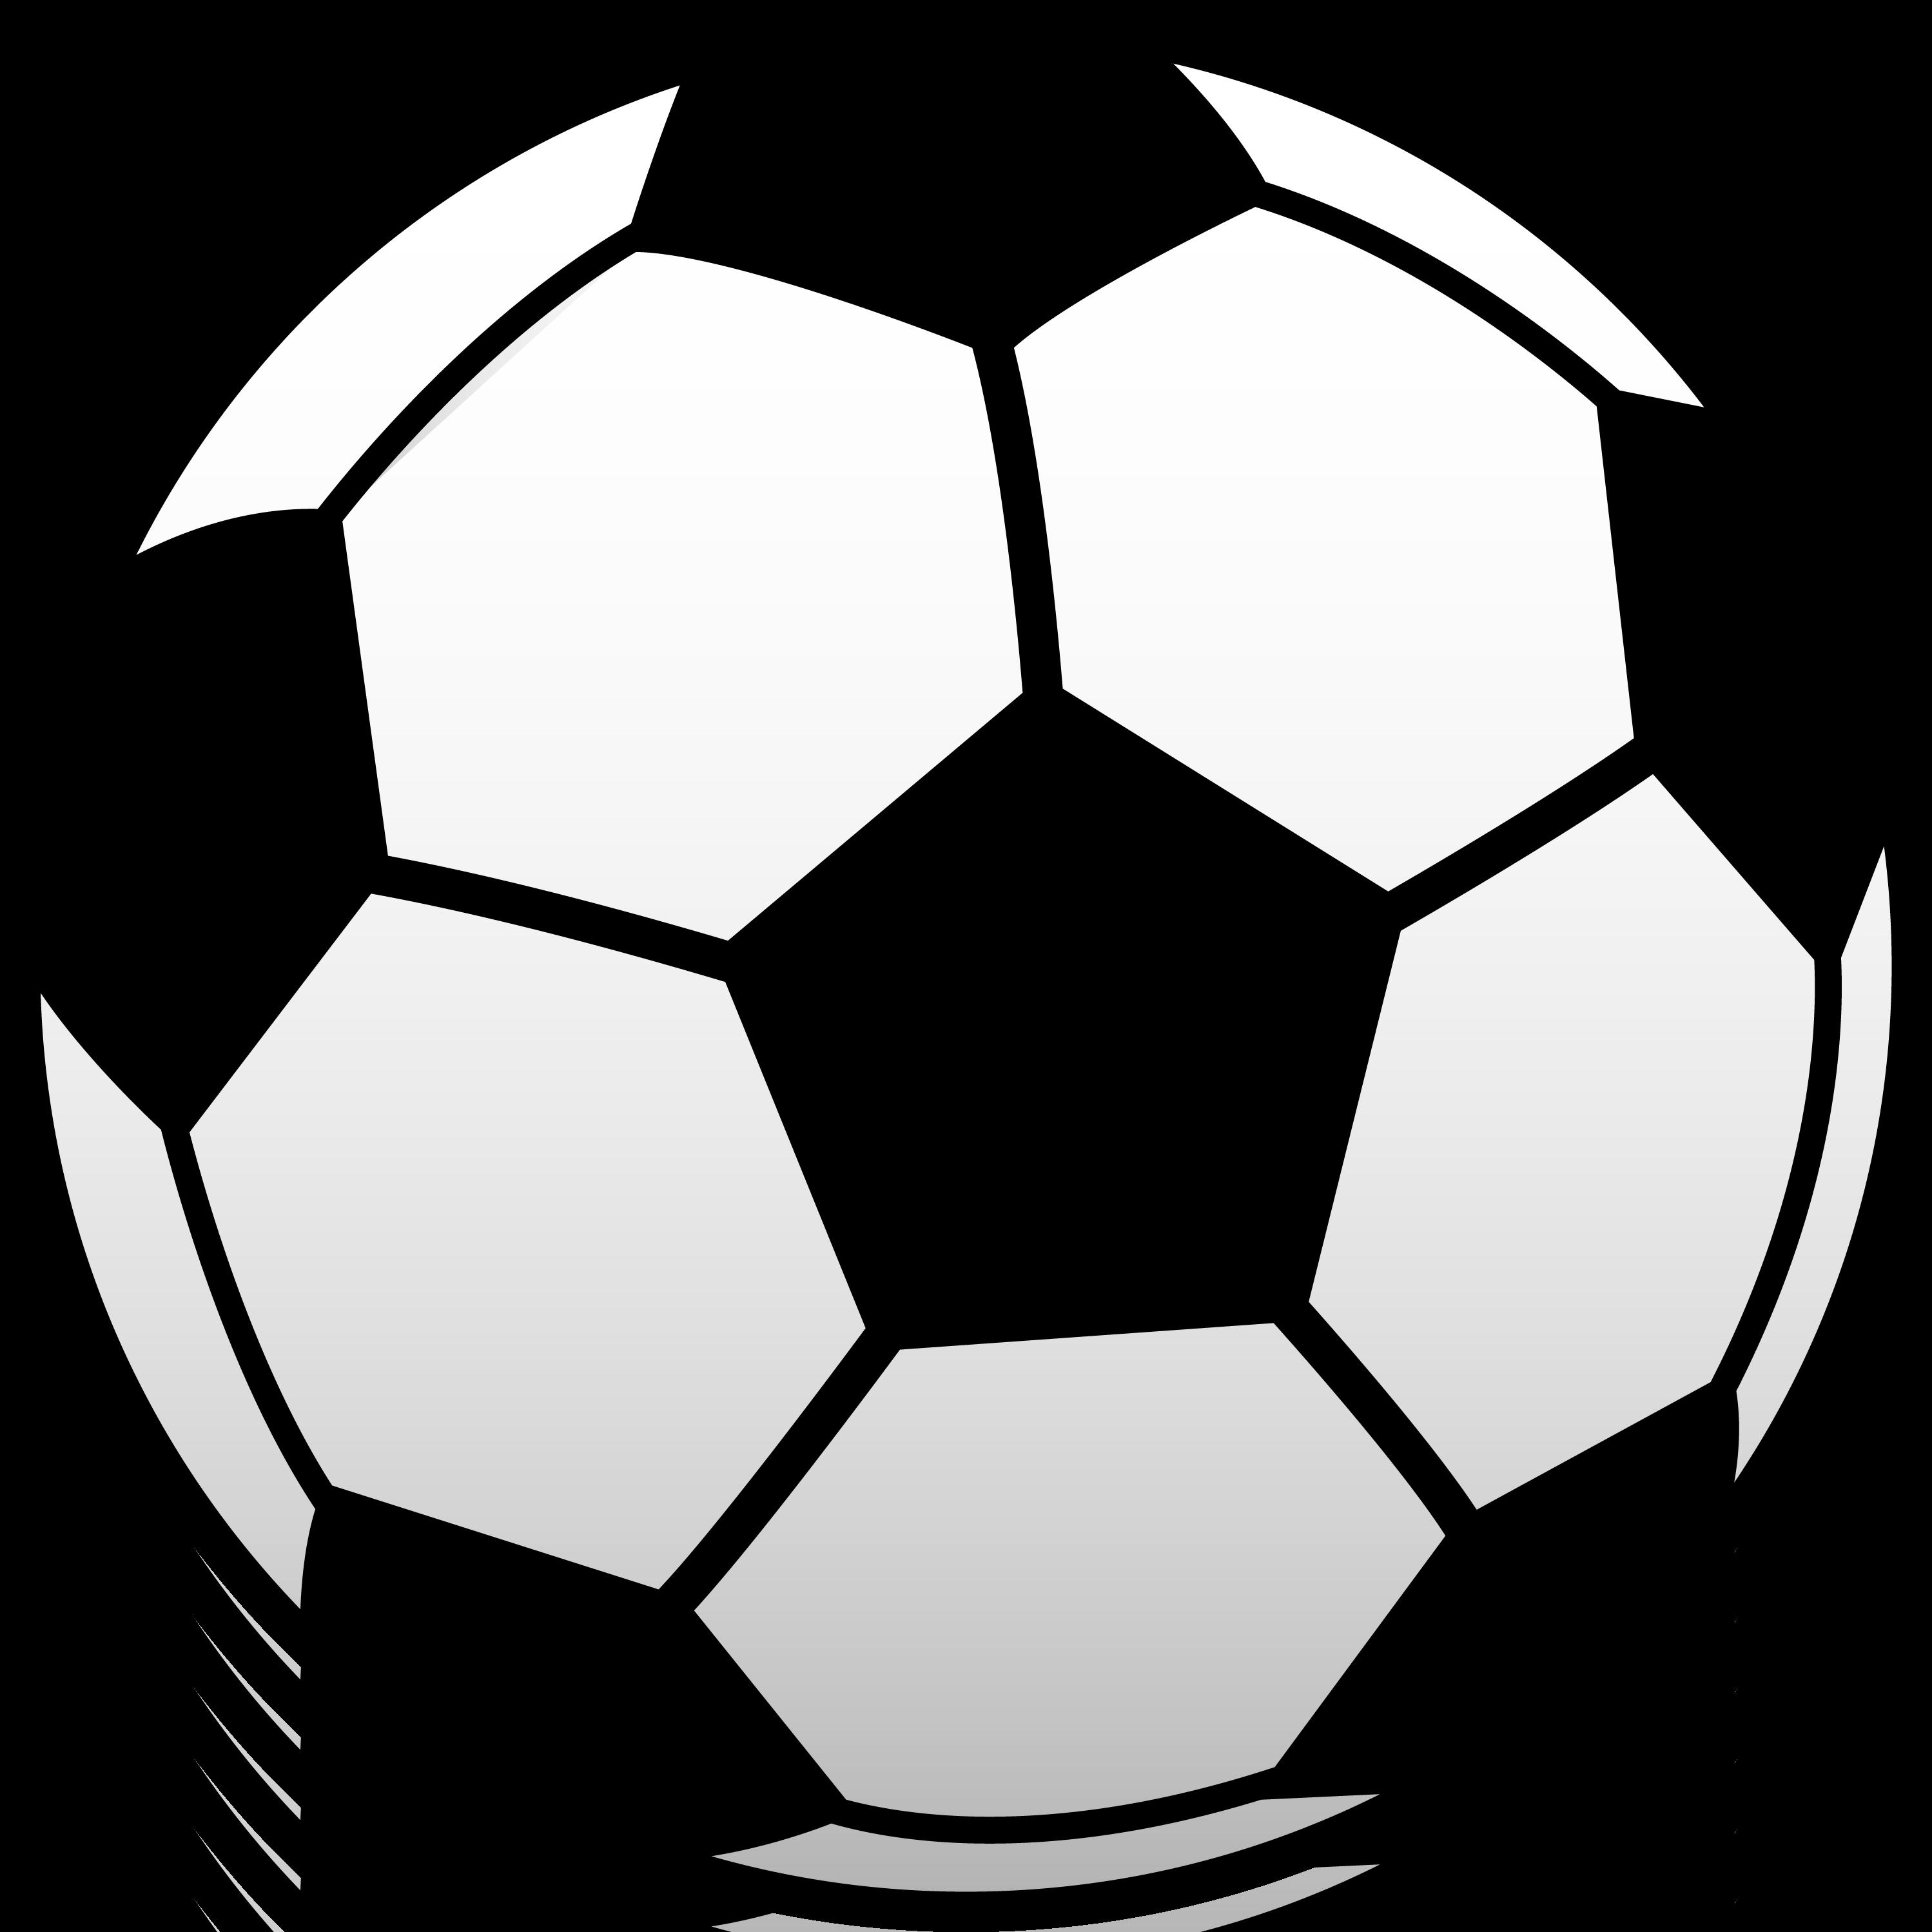 2997x2997 Foot Ball Clip Art